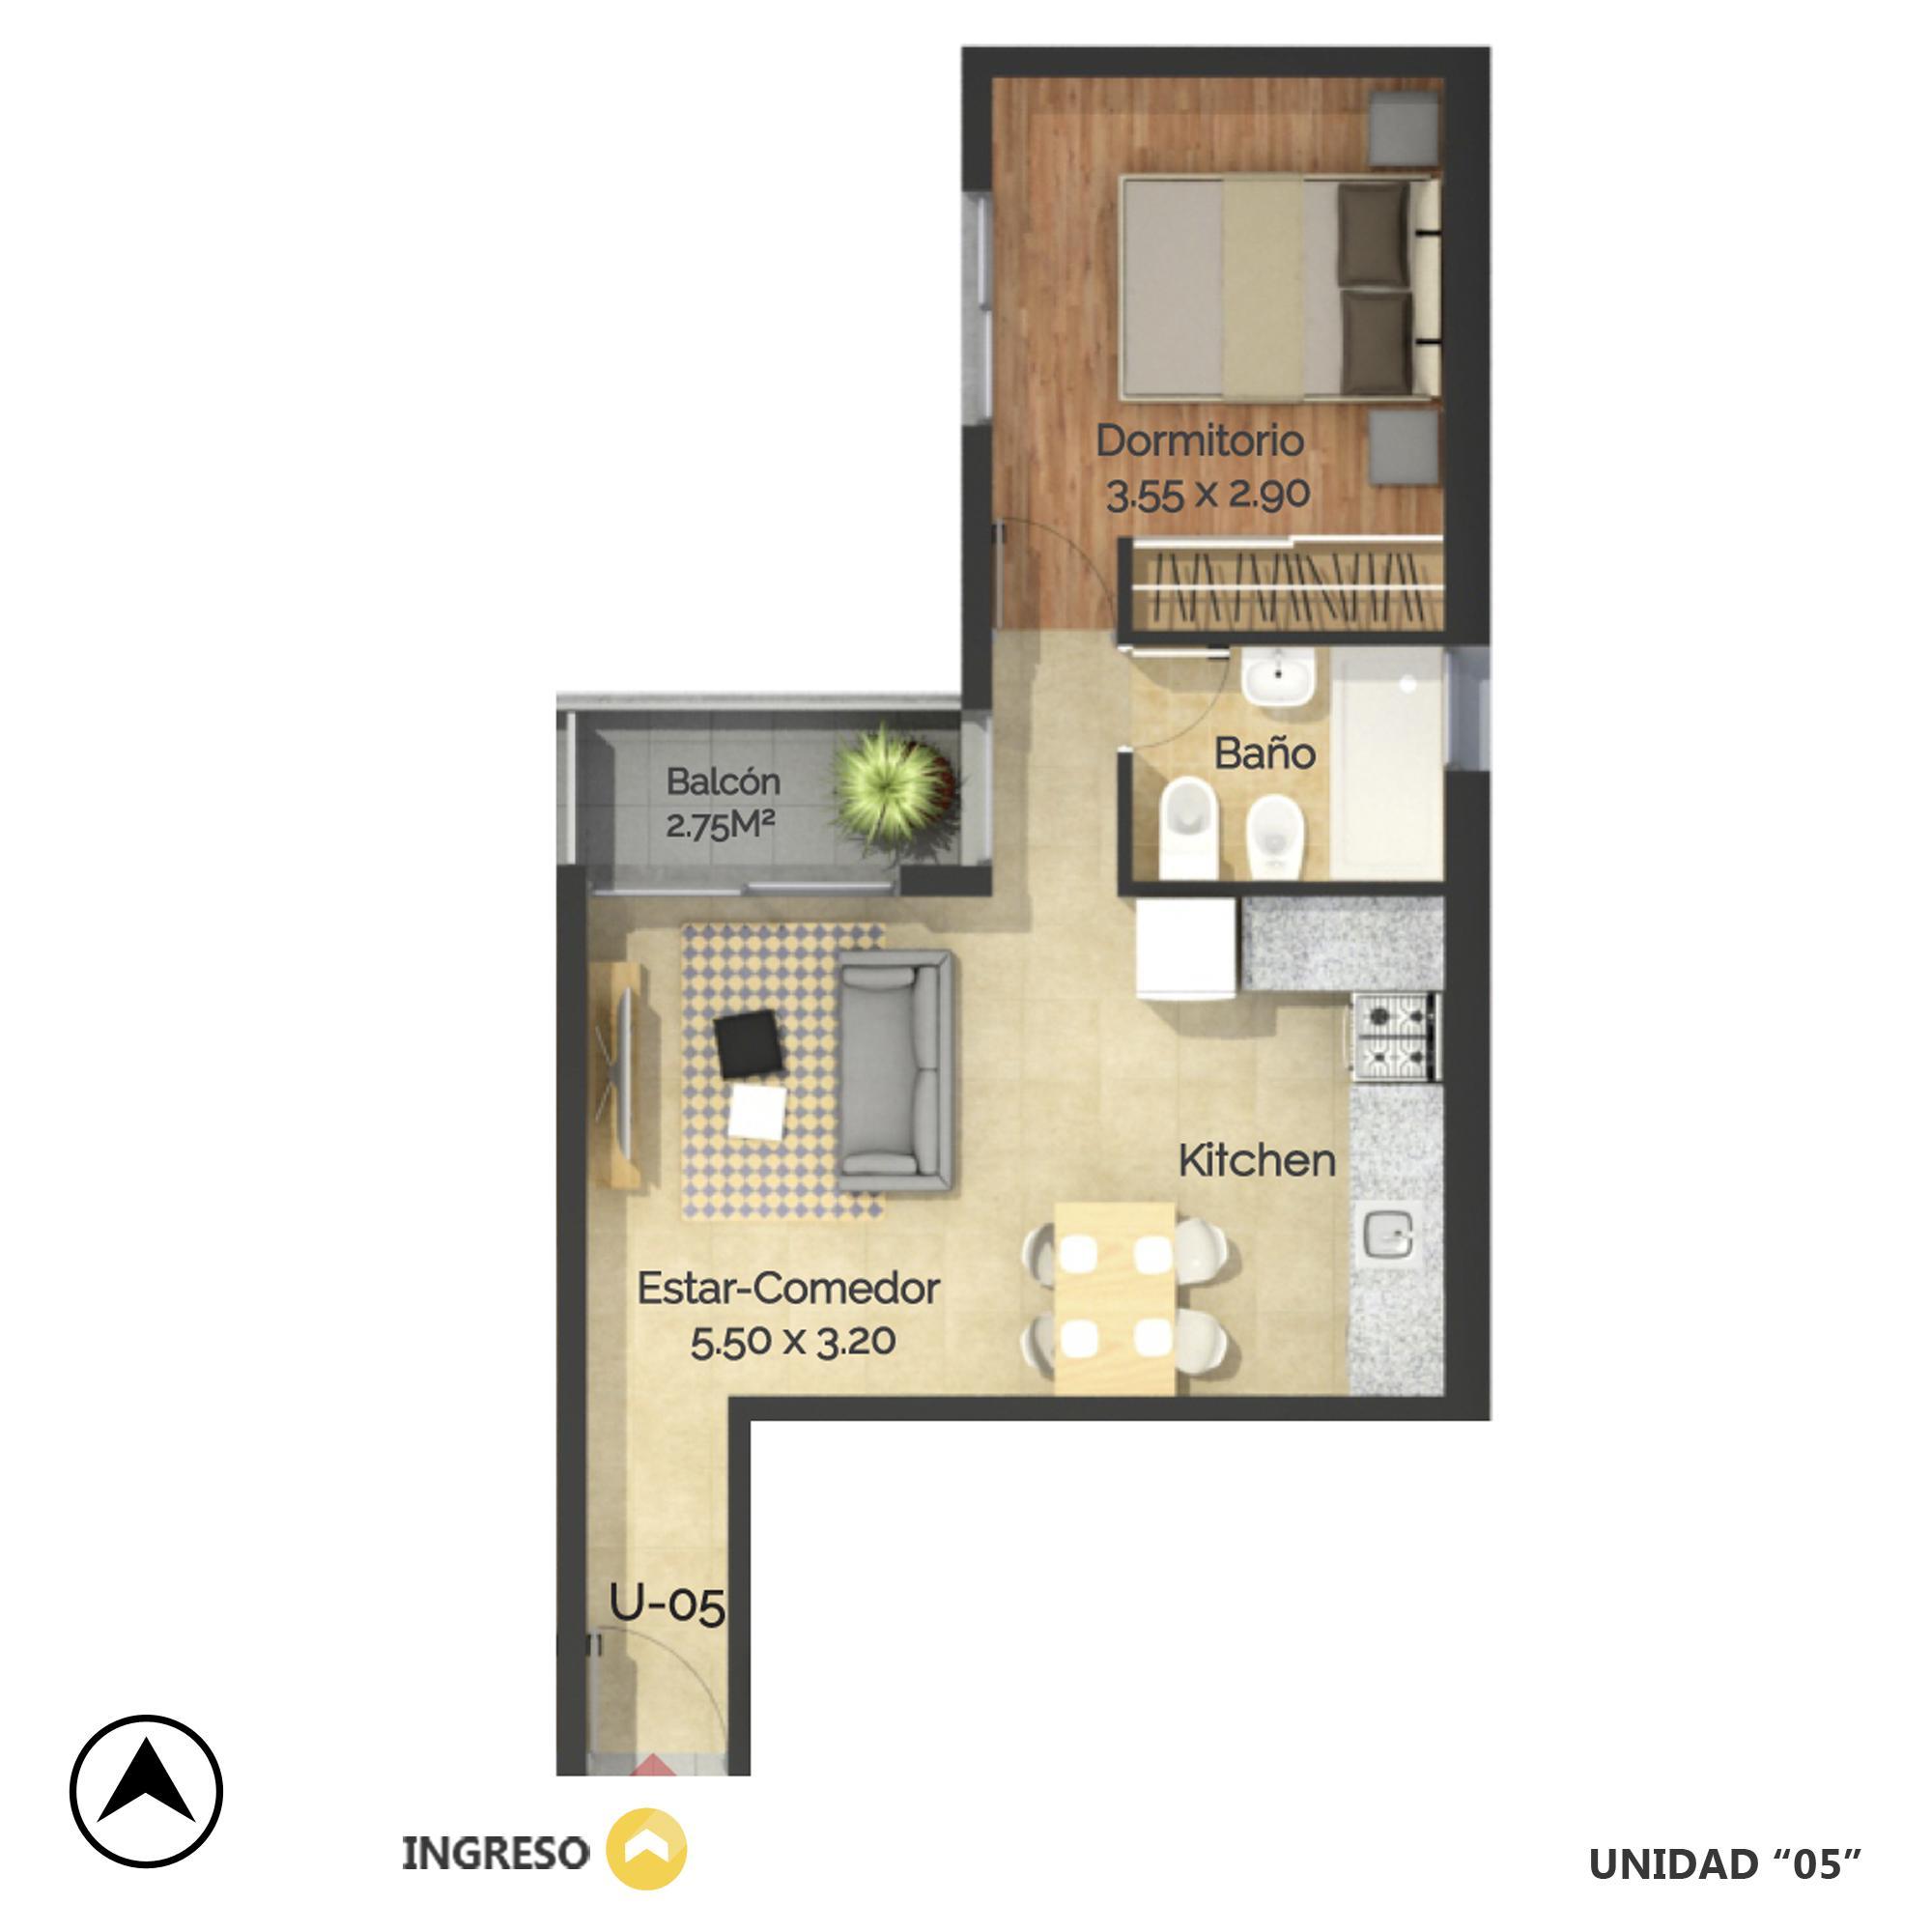 Venta departamento 1 dormitorio Rosario, Oeste. Cod CBU20758 AP2034918. Crestale Propiedades